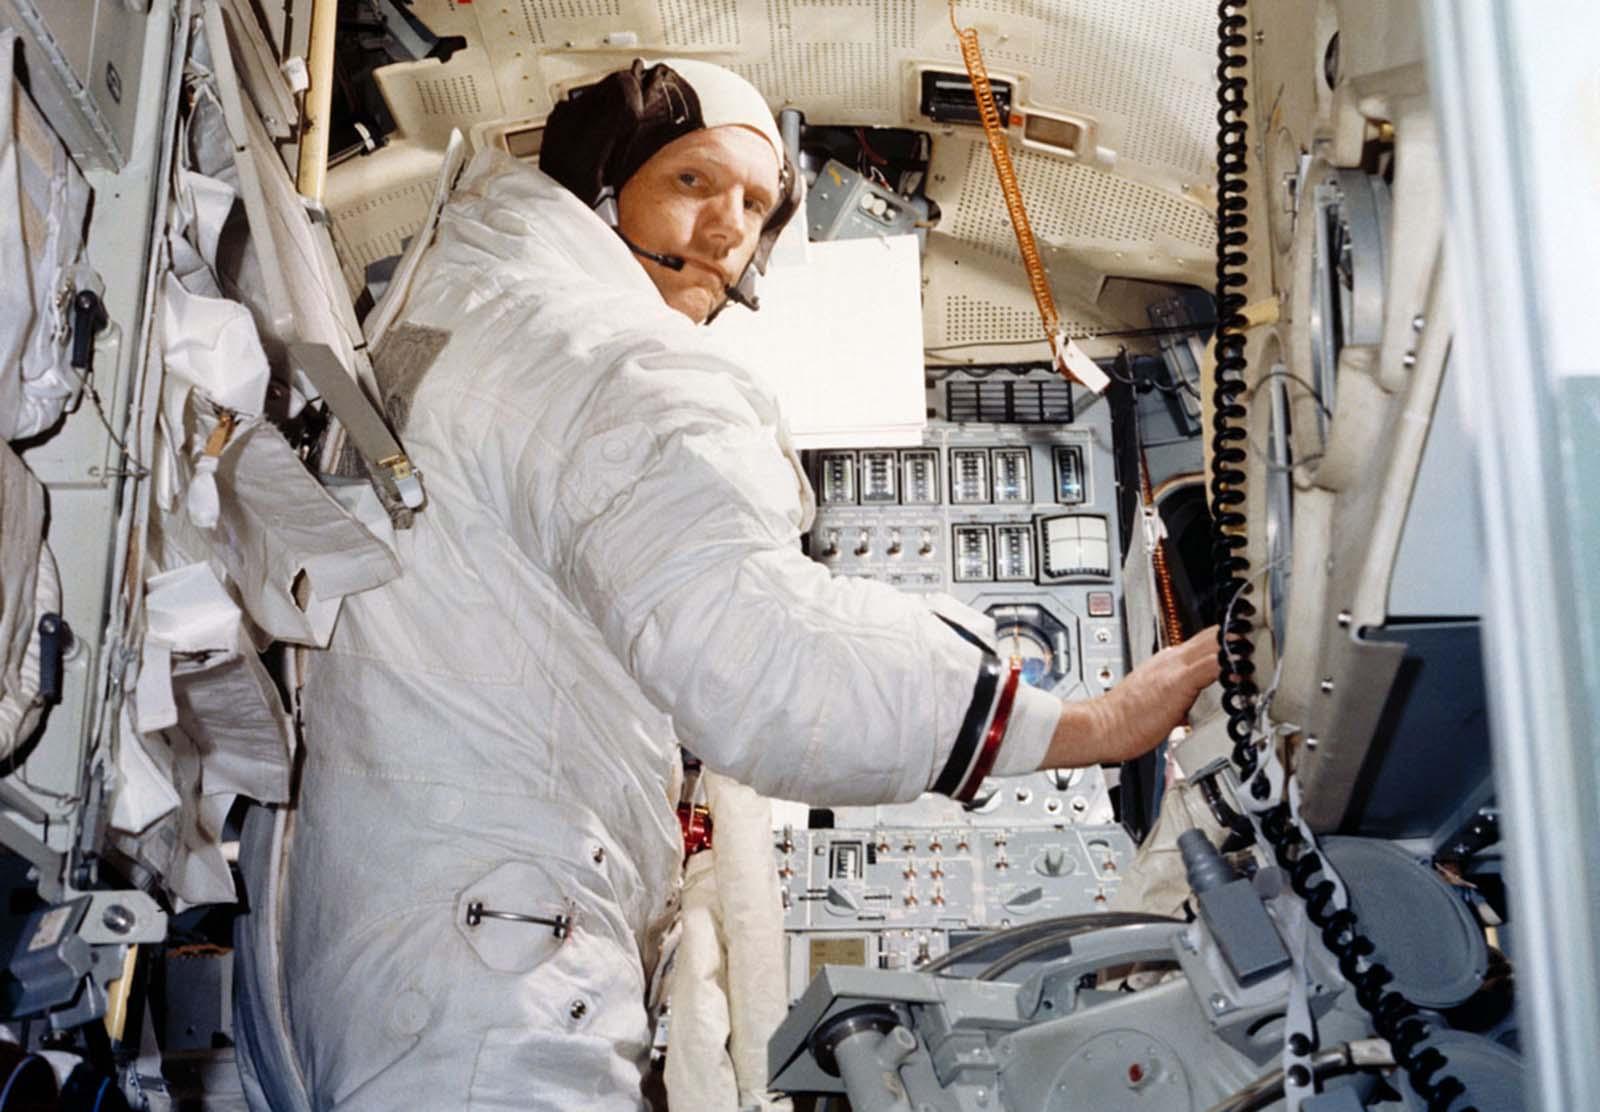 Нил Армстронг тренируется в симуляторе лунного модуля